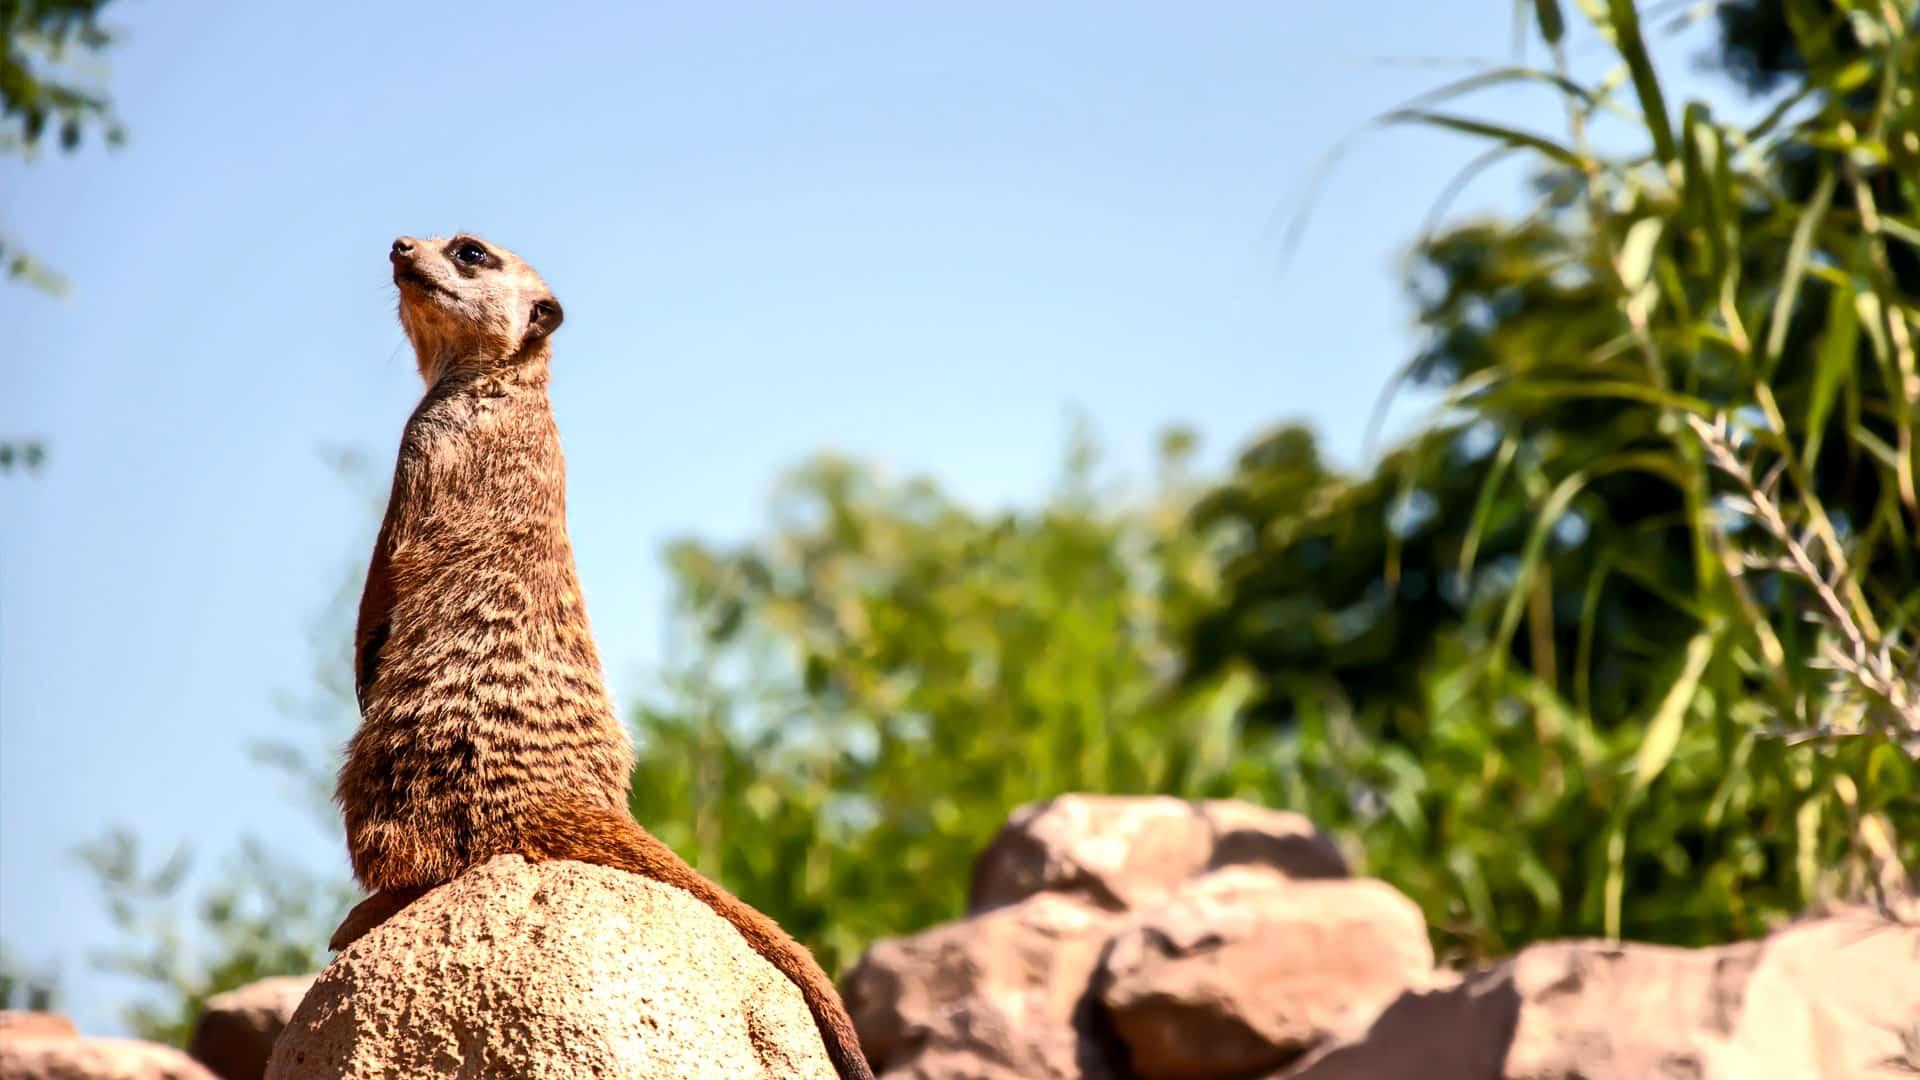 L'importanza dei parchi zoologici nella conservazione delle specie animali